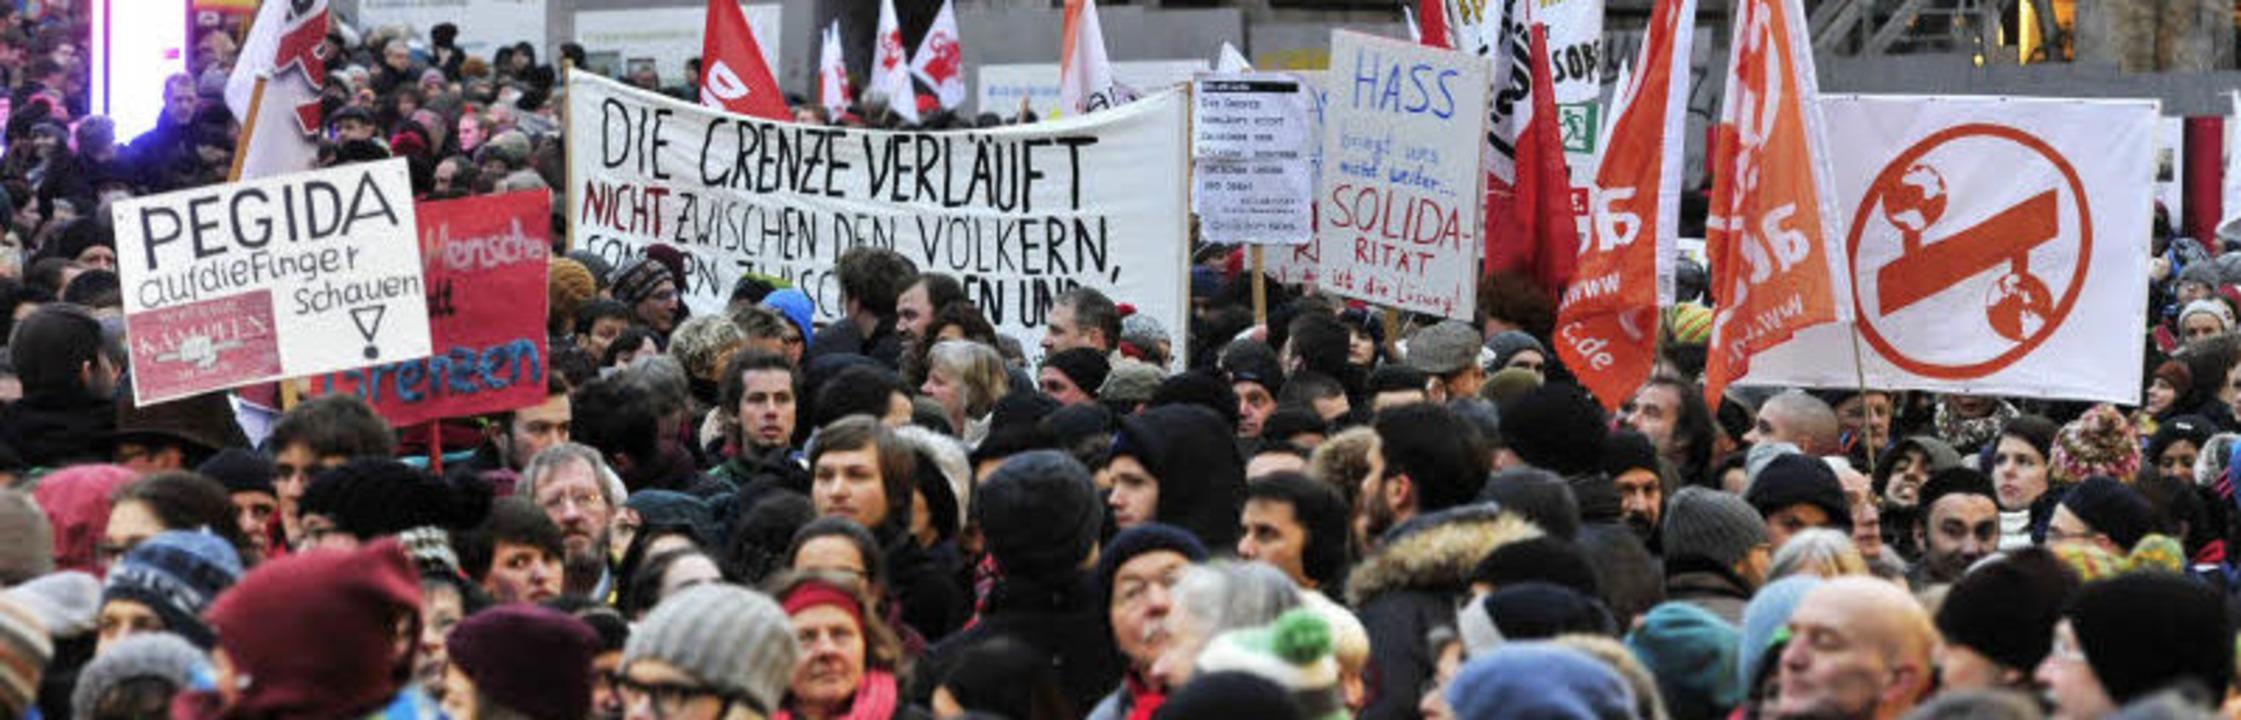 Bei der Kundgebung gegen die Pegida-Be...n auf der Straße – auch die JuZ.  | Foto: Archivfoto: Thomas Kunz